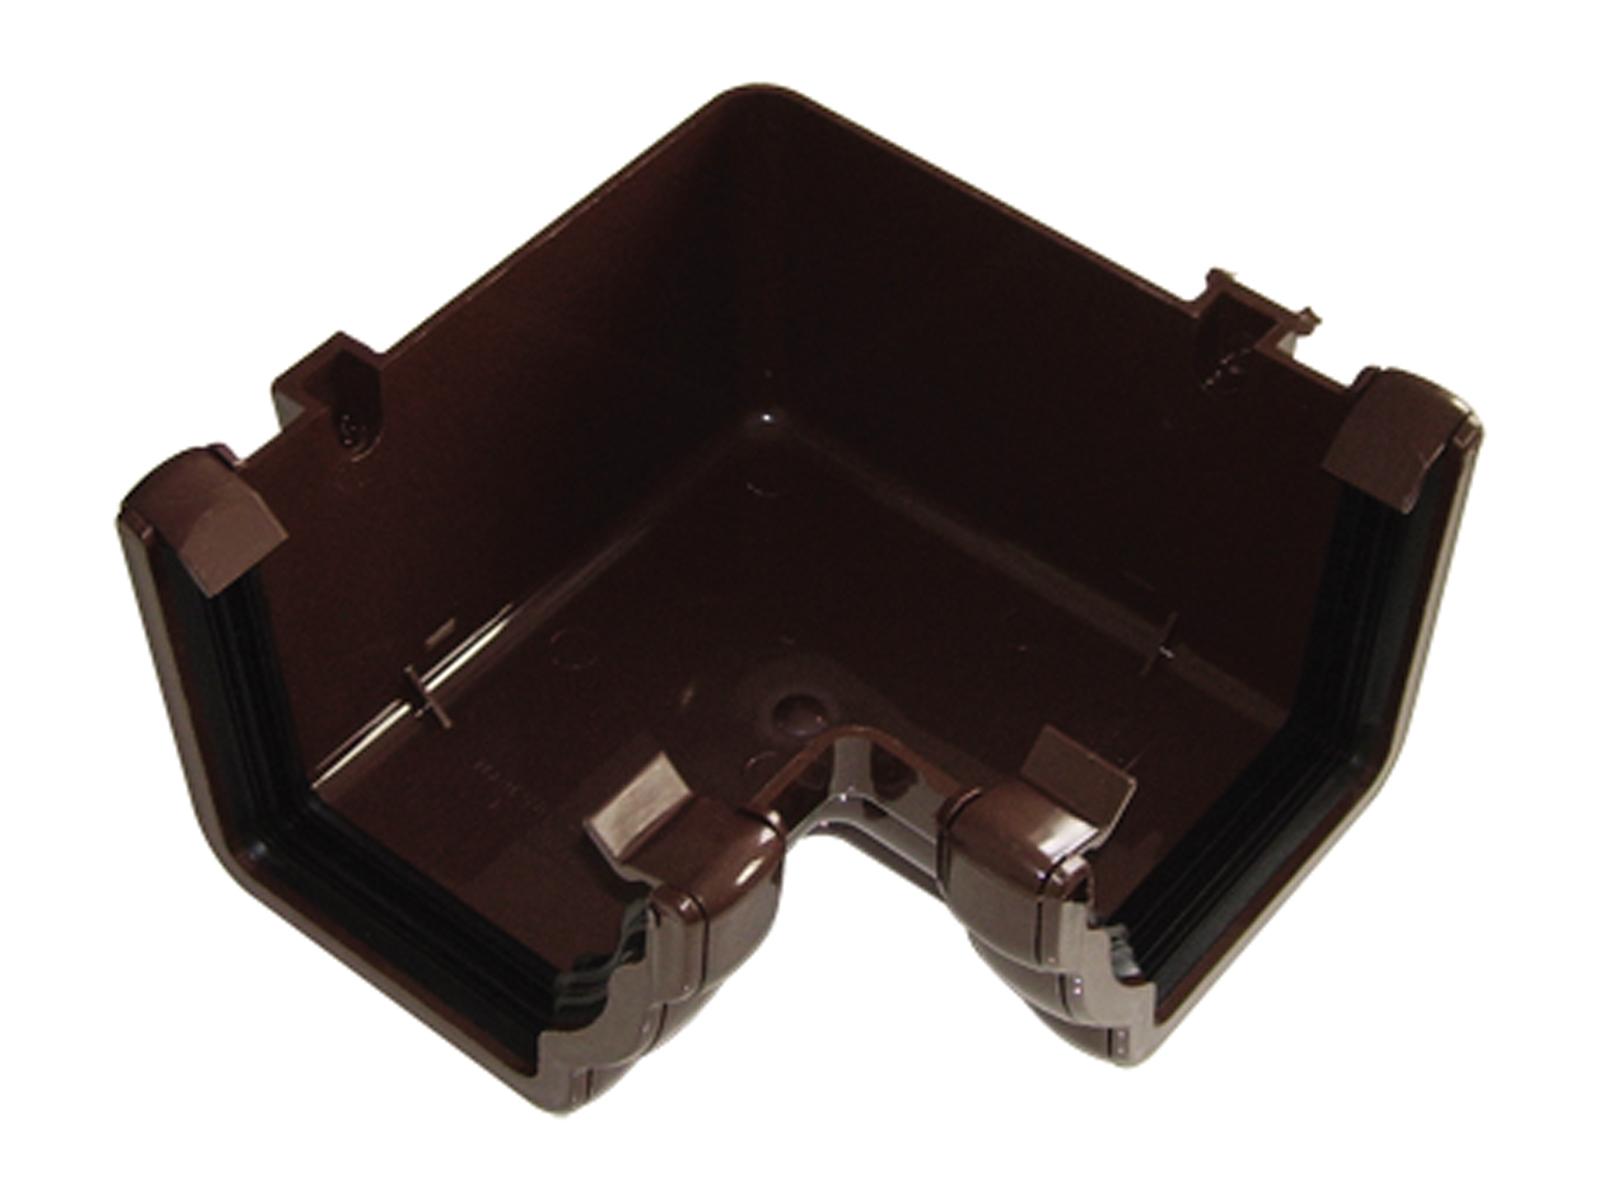 Floplast RAN1BR 110mm Niagara Ogee Gutter - 90* Internal Angle - Brown